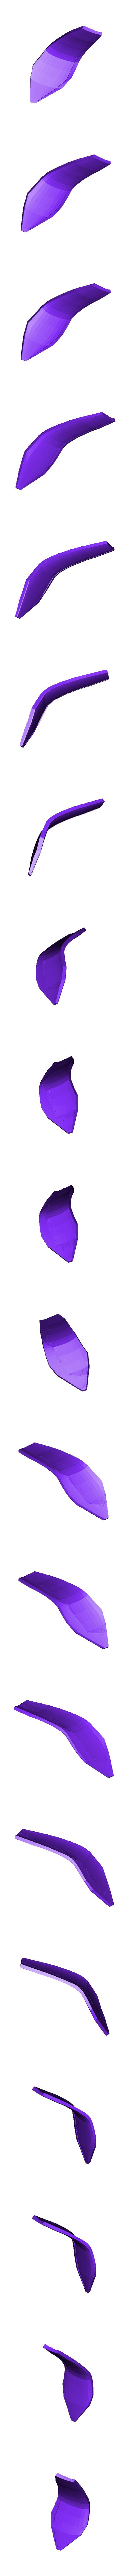 Fringe.stl Download STL file Super Witch • 3D print template, amadorcin